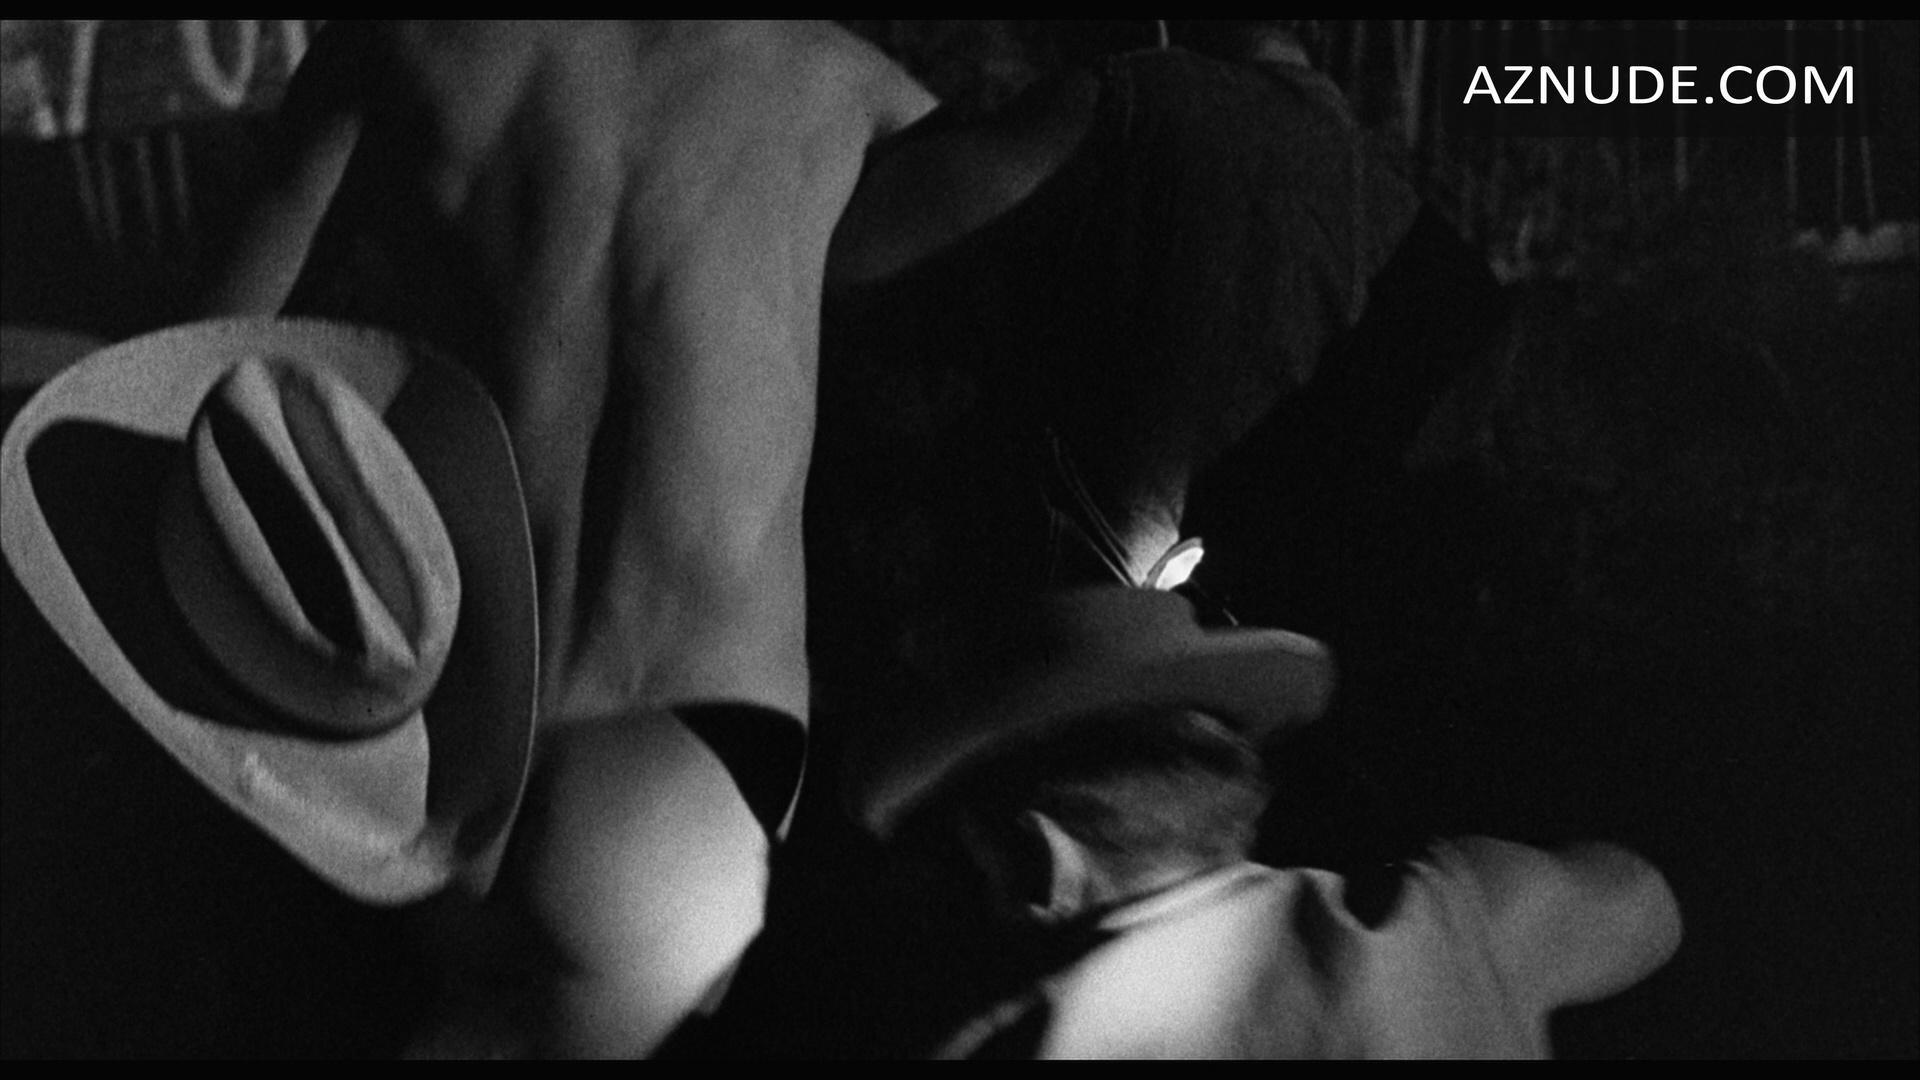 Midnight Cowboy Nude Scenes - Aznude Men-9453